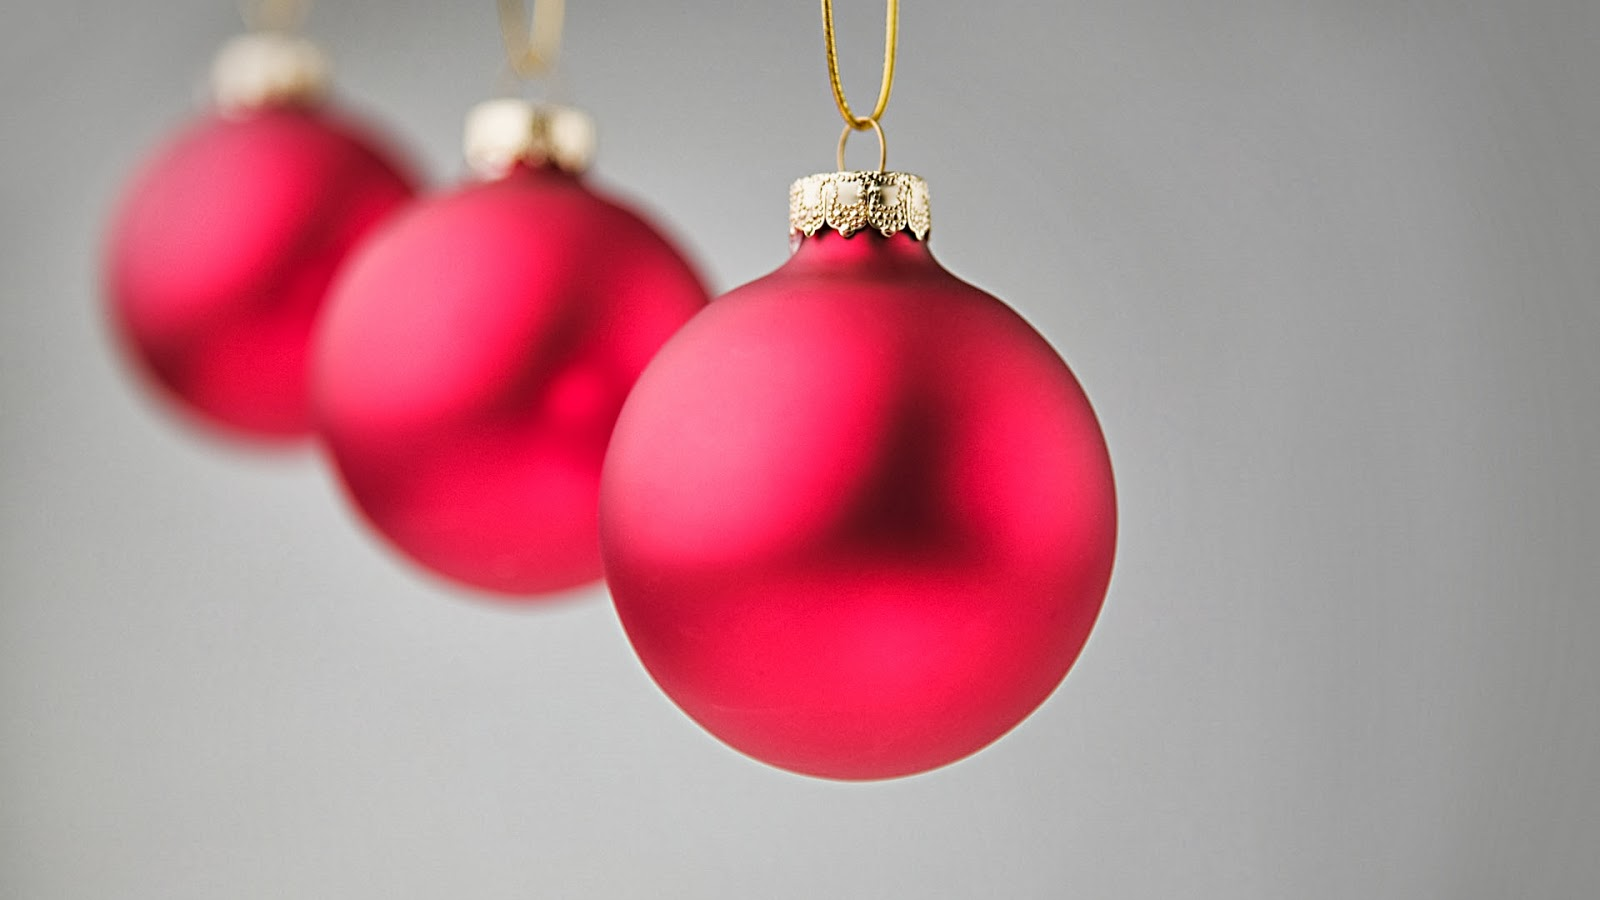 Tumblr Fondos De Pantalla De Navidad: Imagenes Hilandy: Fondo De Pantalla Navidad Bolas Rojas